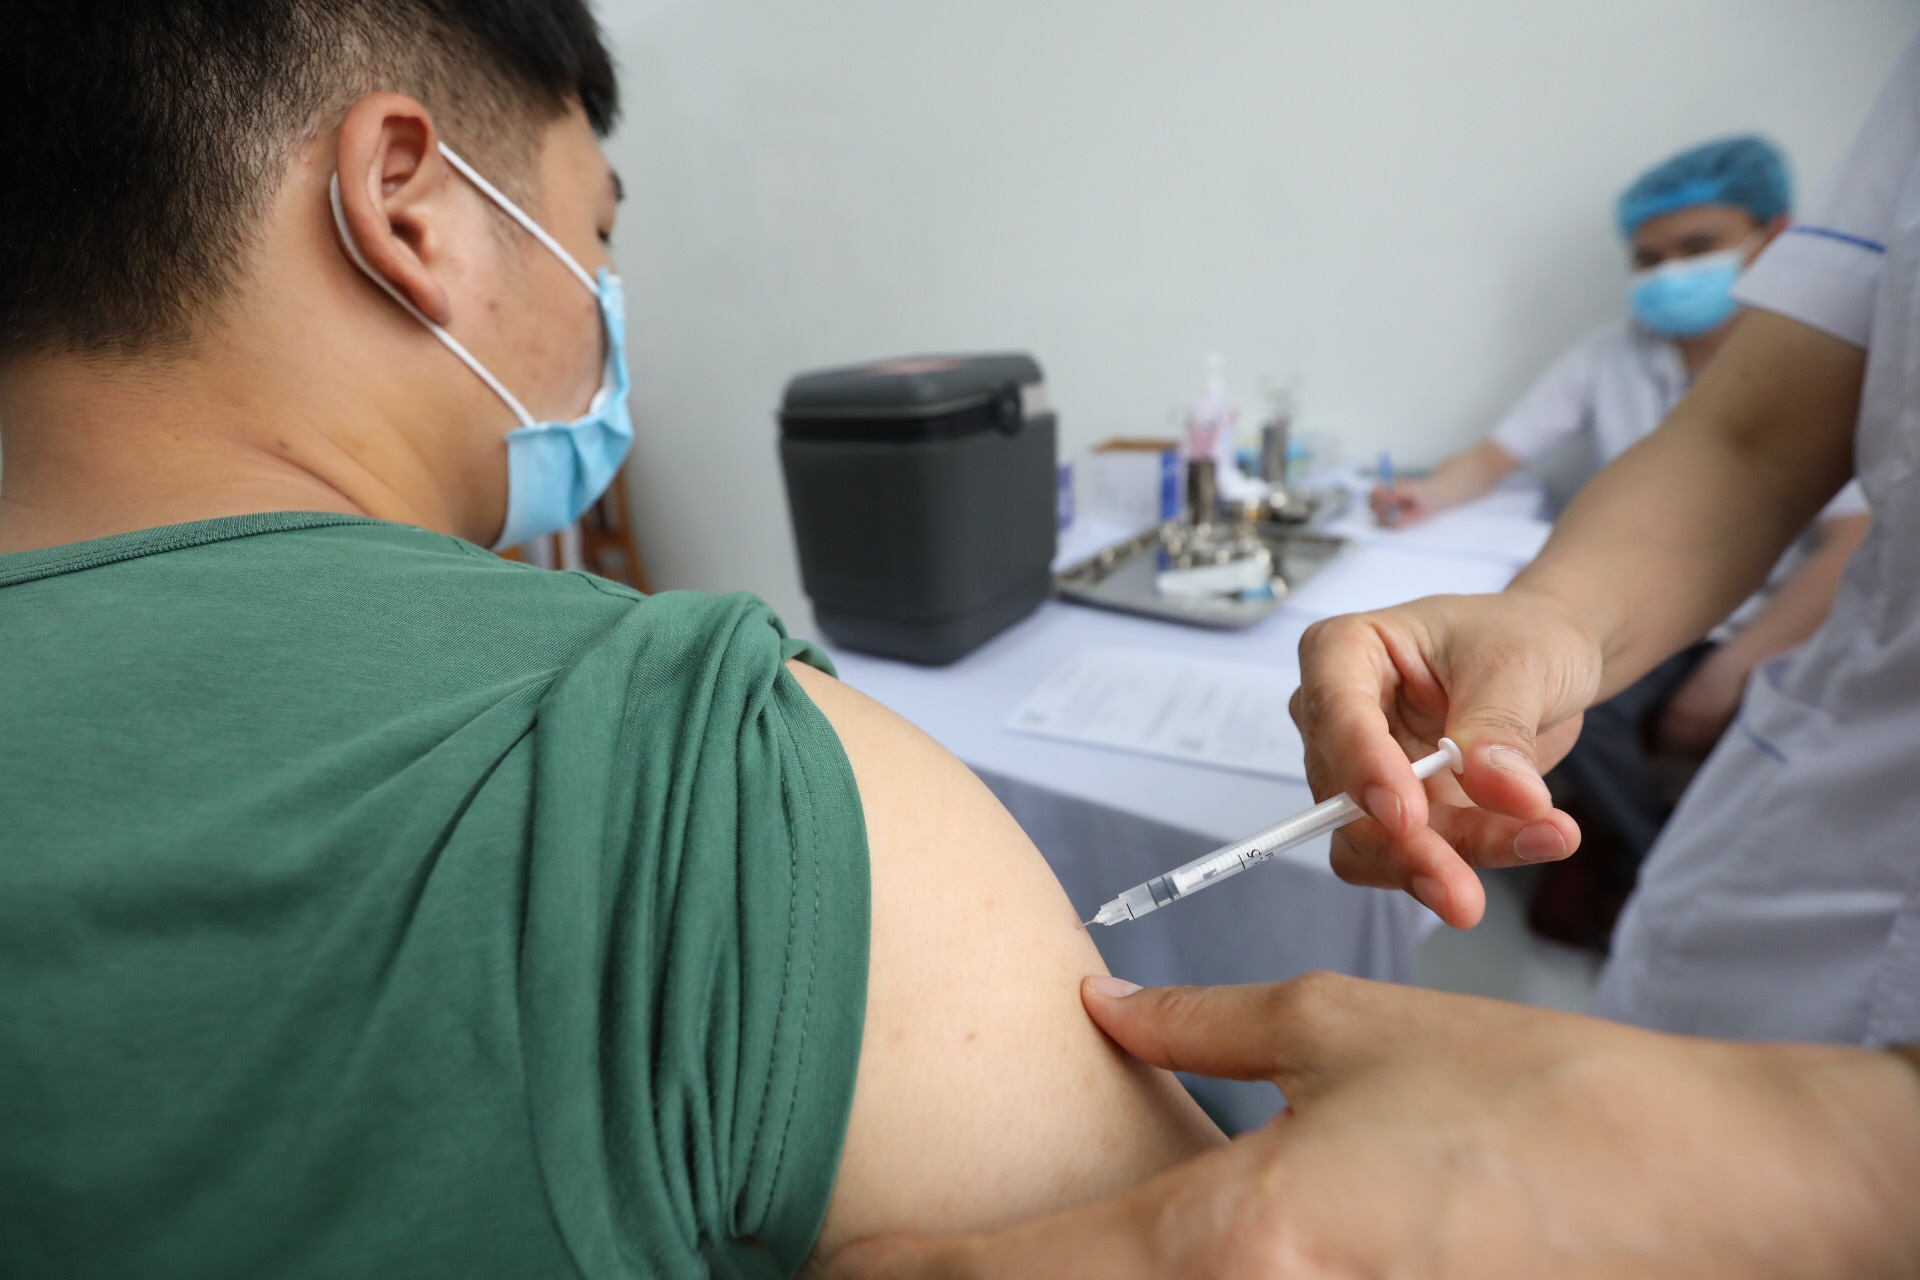 Y tế Diễn biến dịch ngày 21/7: 3556 ca mắc mới tại TP. Hồ Chí Minh trong 24 giờ  - Ảnh 15.